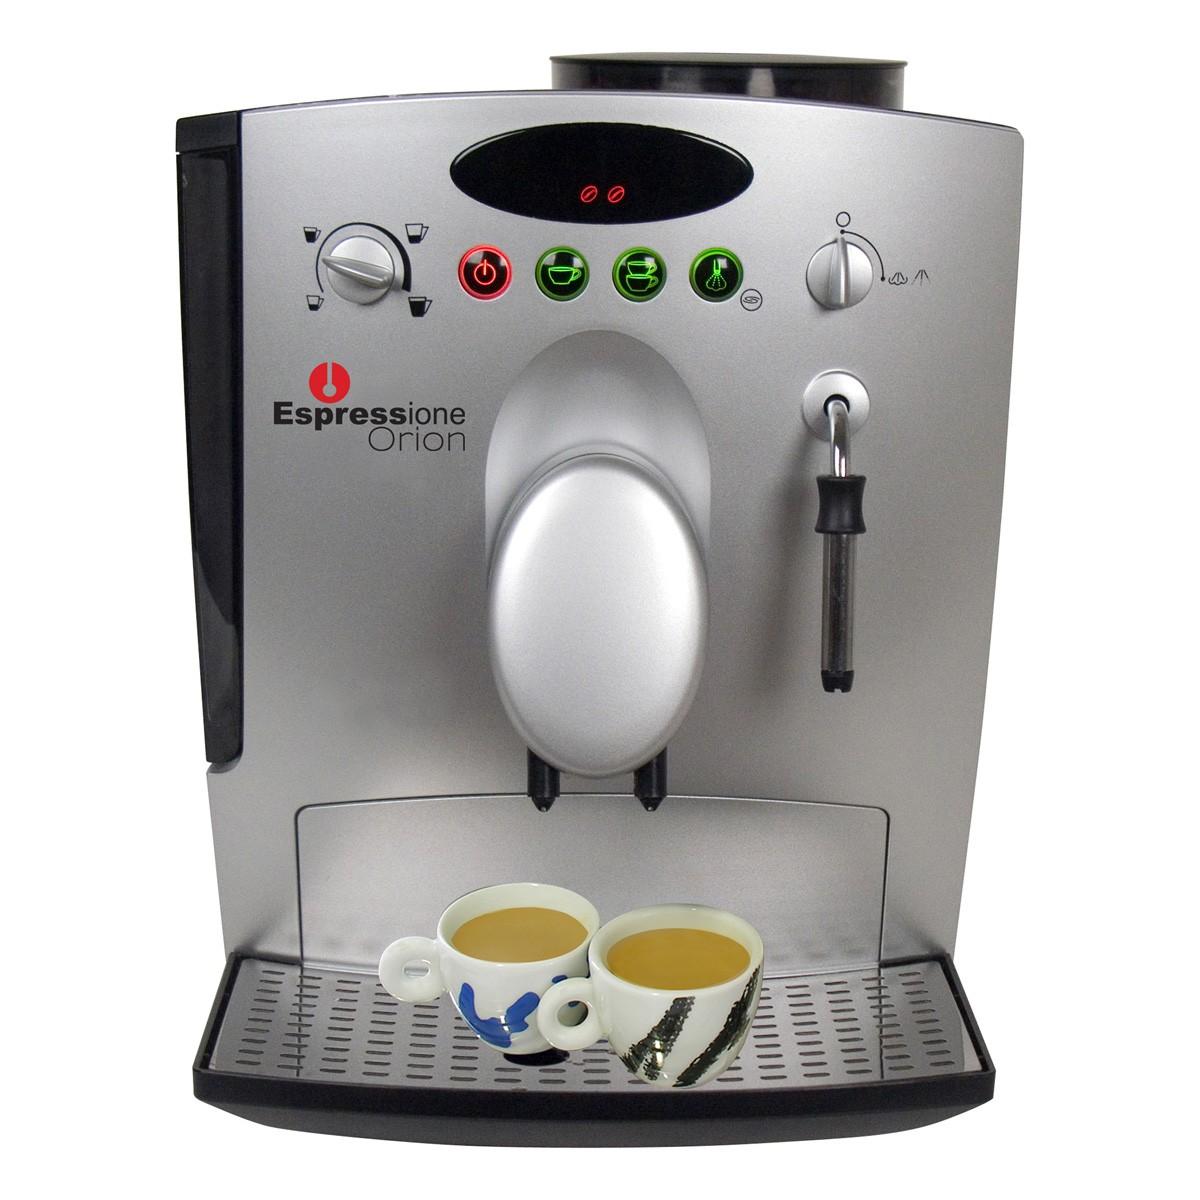 Cafeteira Expresso Automática Orion Espressione 601- Reembalado